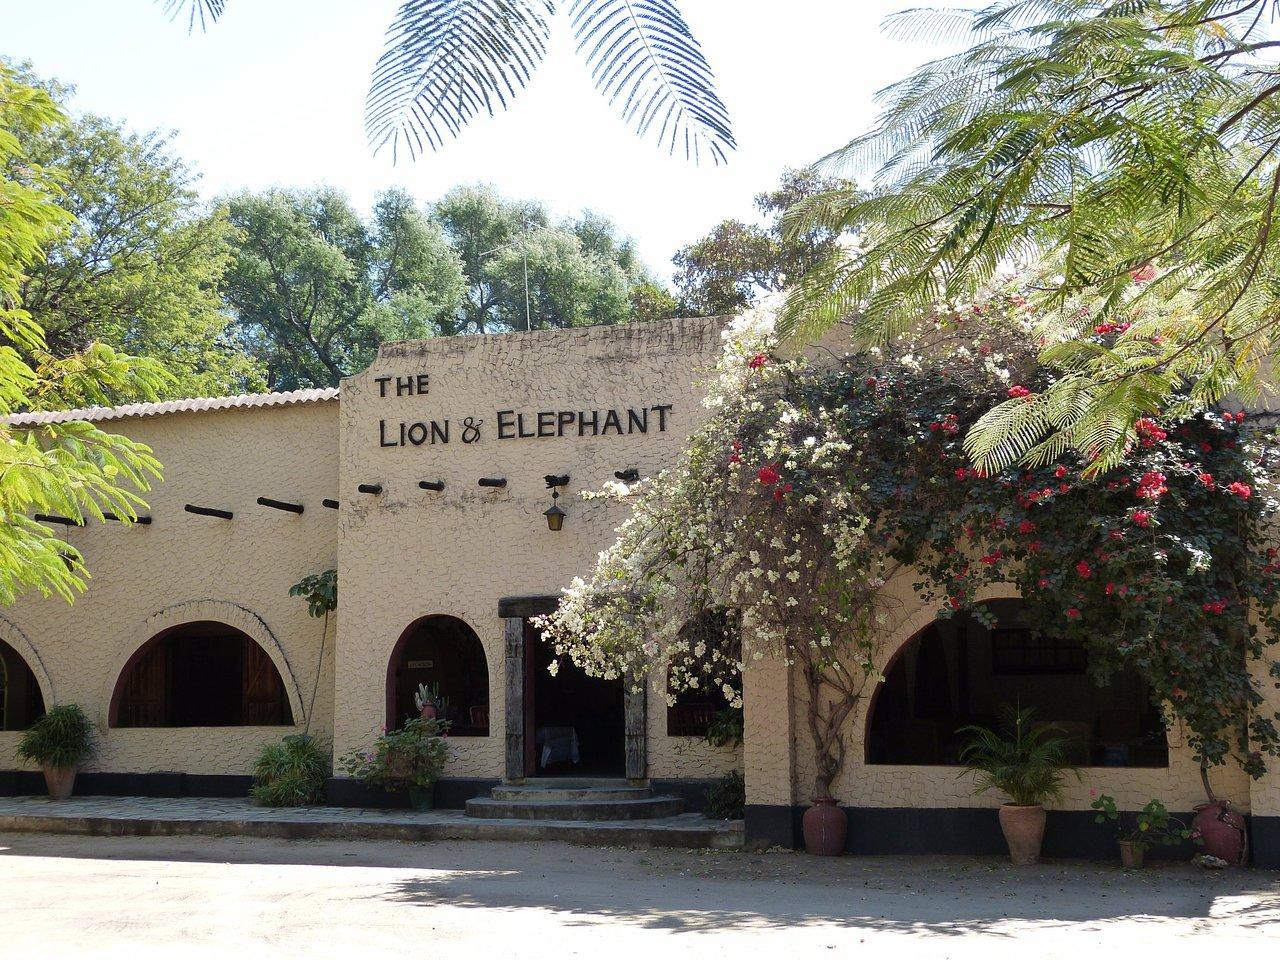 LION & ELEPHANT MOTEL - Reviews (Beitbridge, Zimbabwe) - TripAdvisor